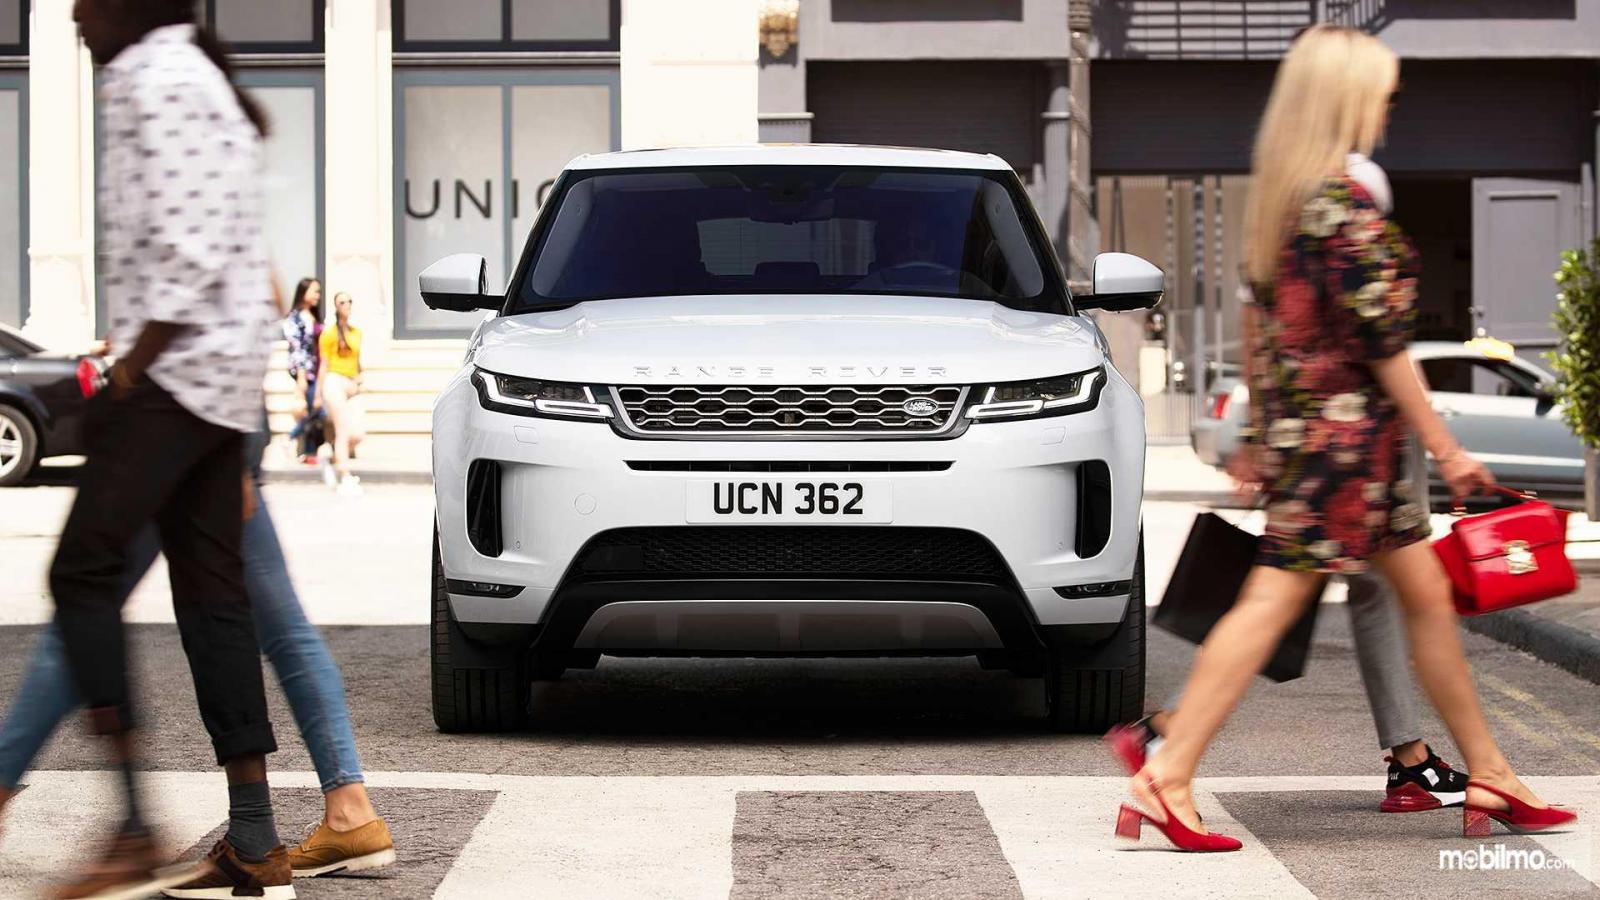 Gambar tampilan depan Land Rover Range Rover 2019